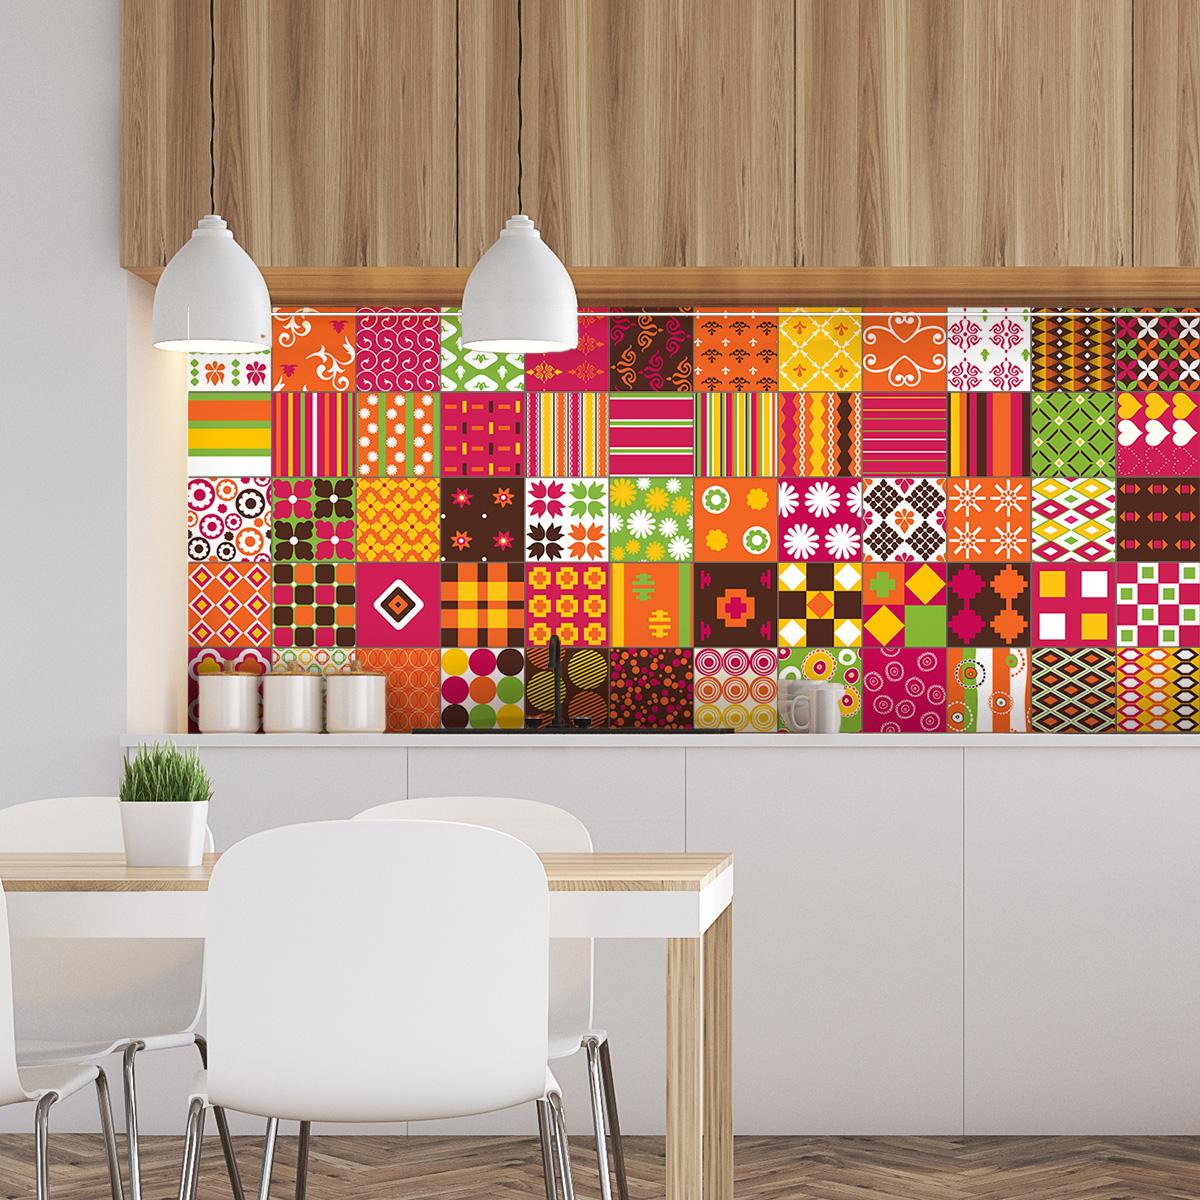 60 stickers carreaux de ciment ethnique nikko cuisine. Black Bedroom Furniture Sets. Home Design Ideas